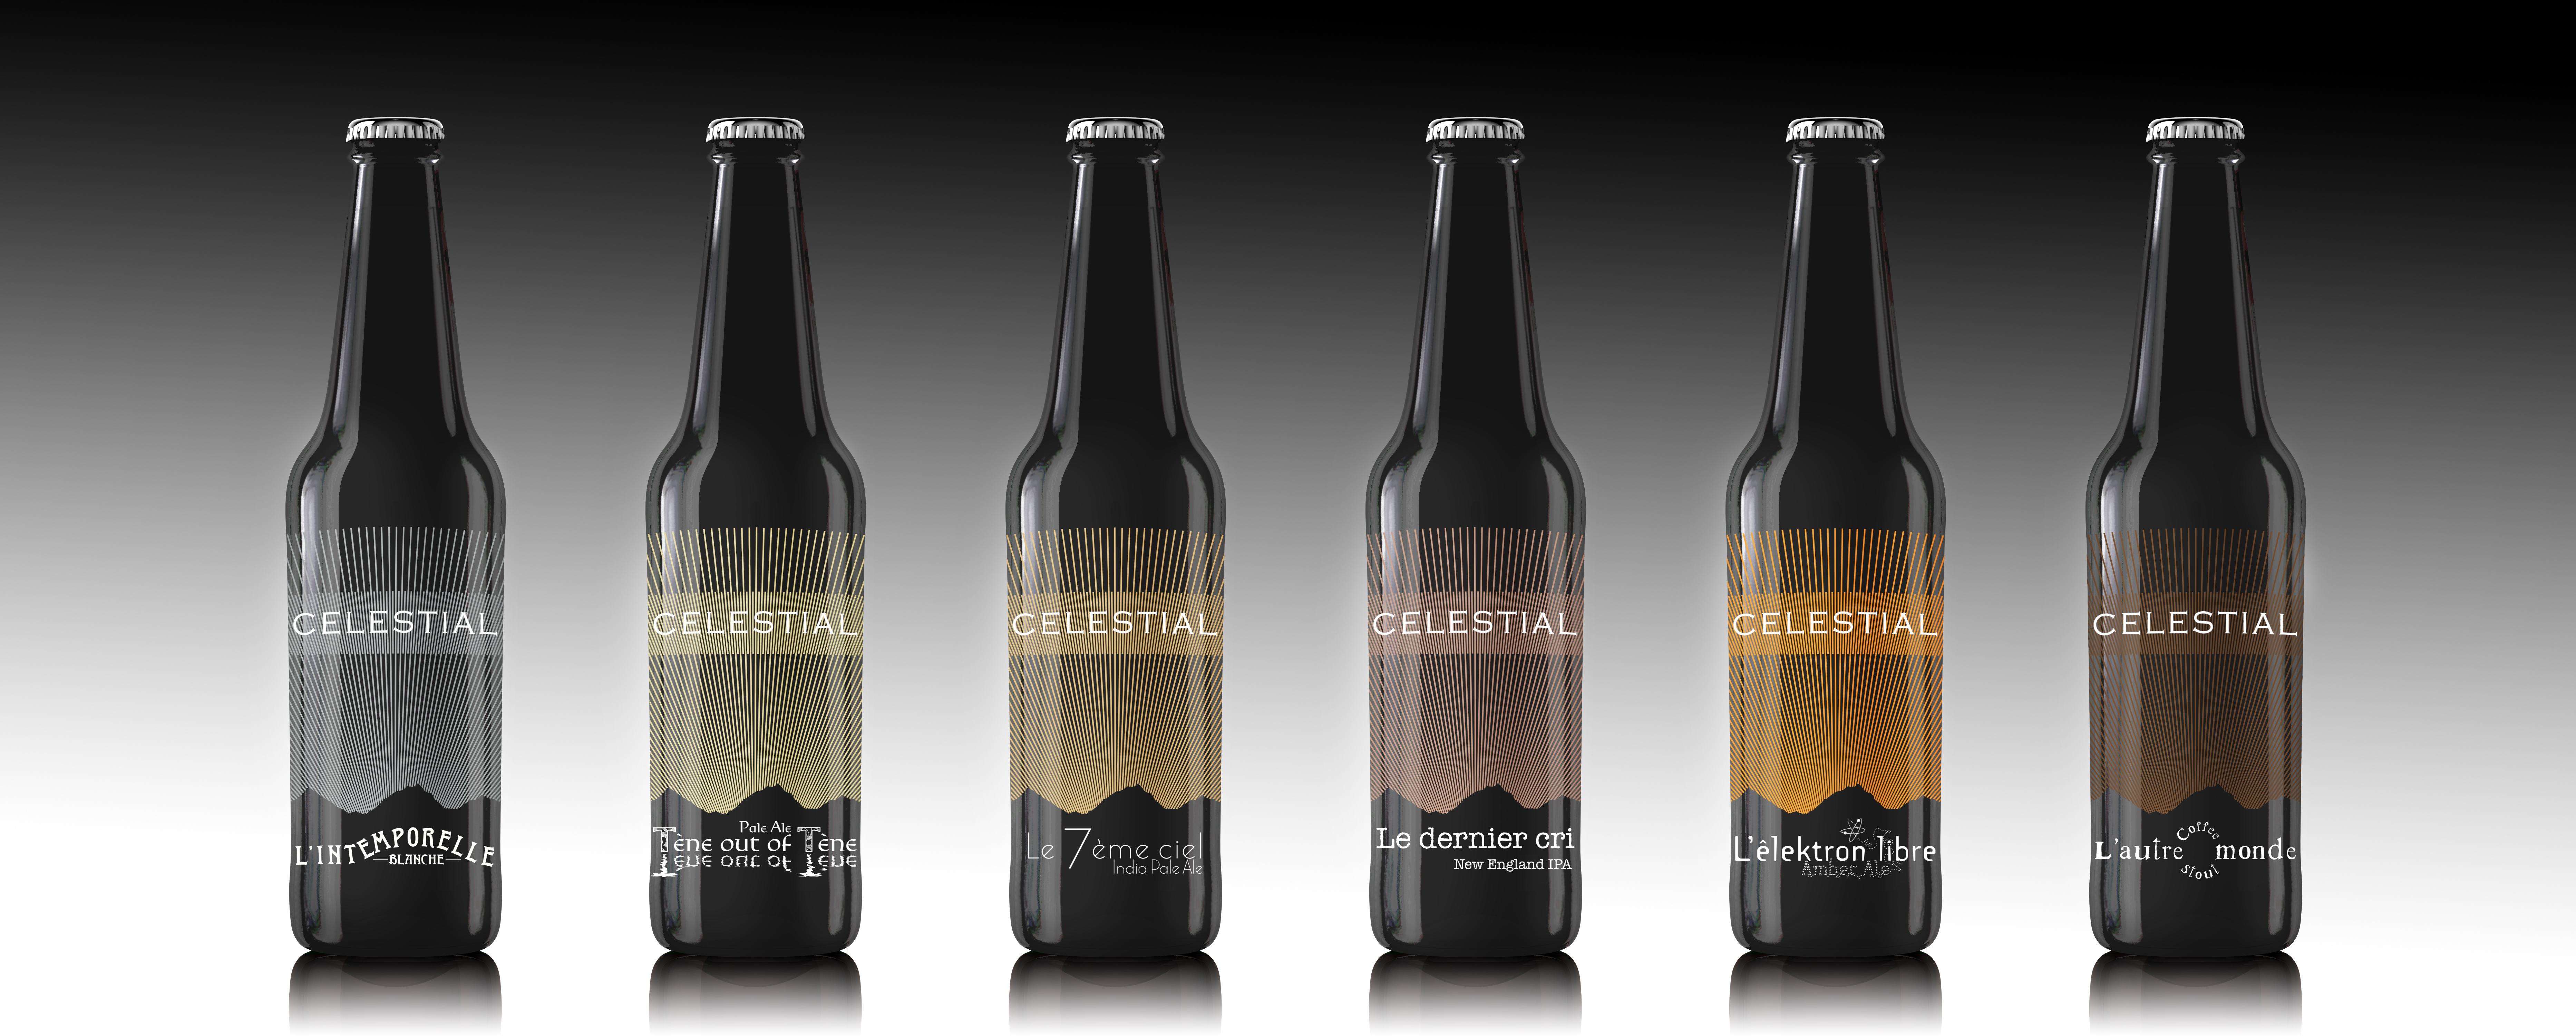 Gamme_Brasserie-Celestial.jpg